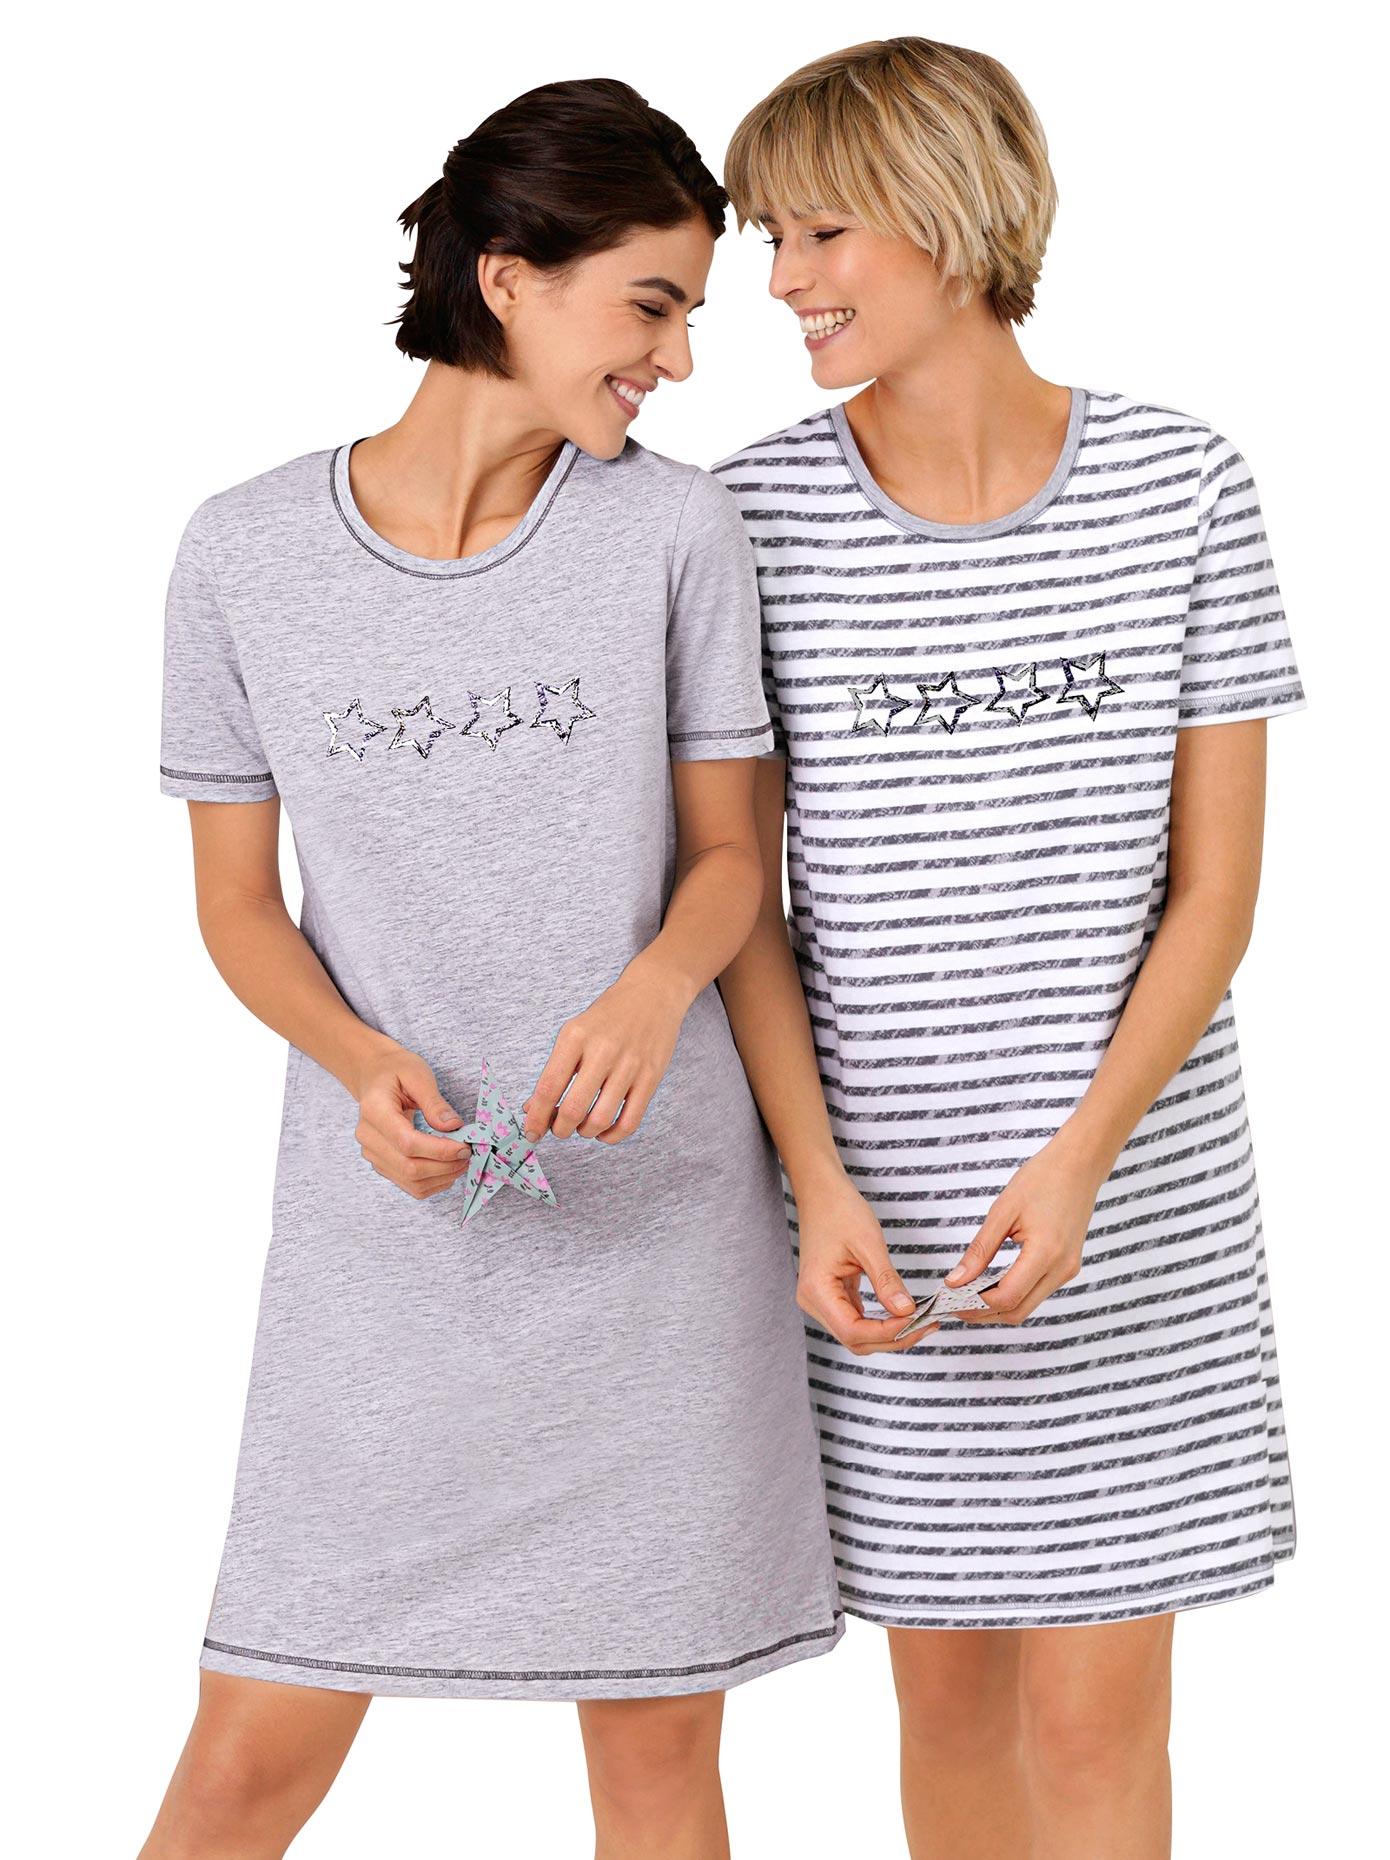 wäschepur Sleepshirts (2 Stck) | Bekleidung > Nachtwäsche > Sleepshirts | Grau | Wäschepur